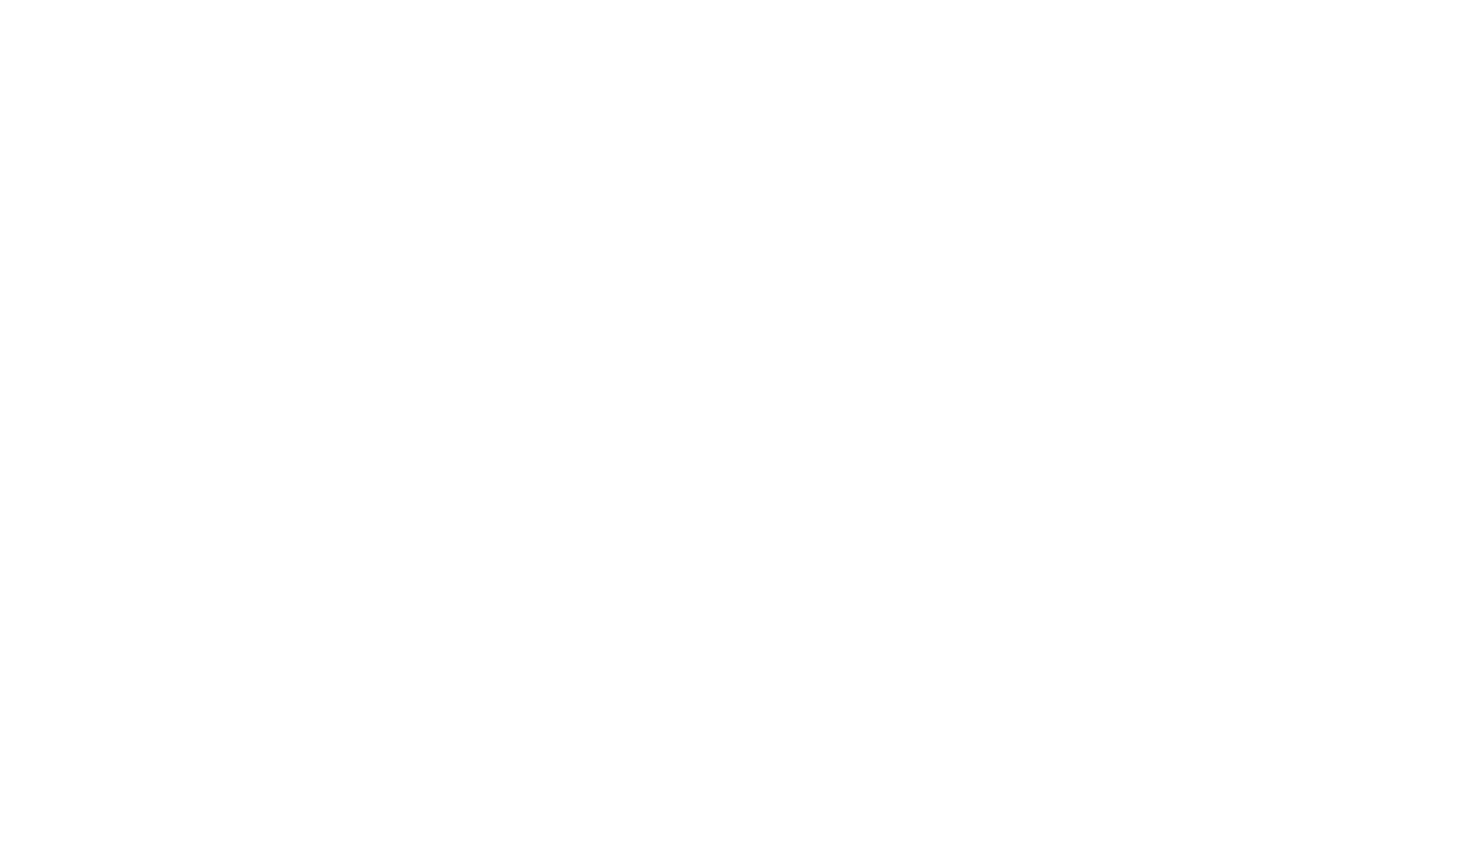 Asiantuntijapalvelut -logo